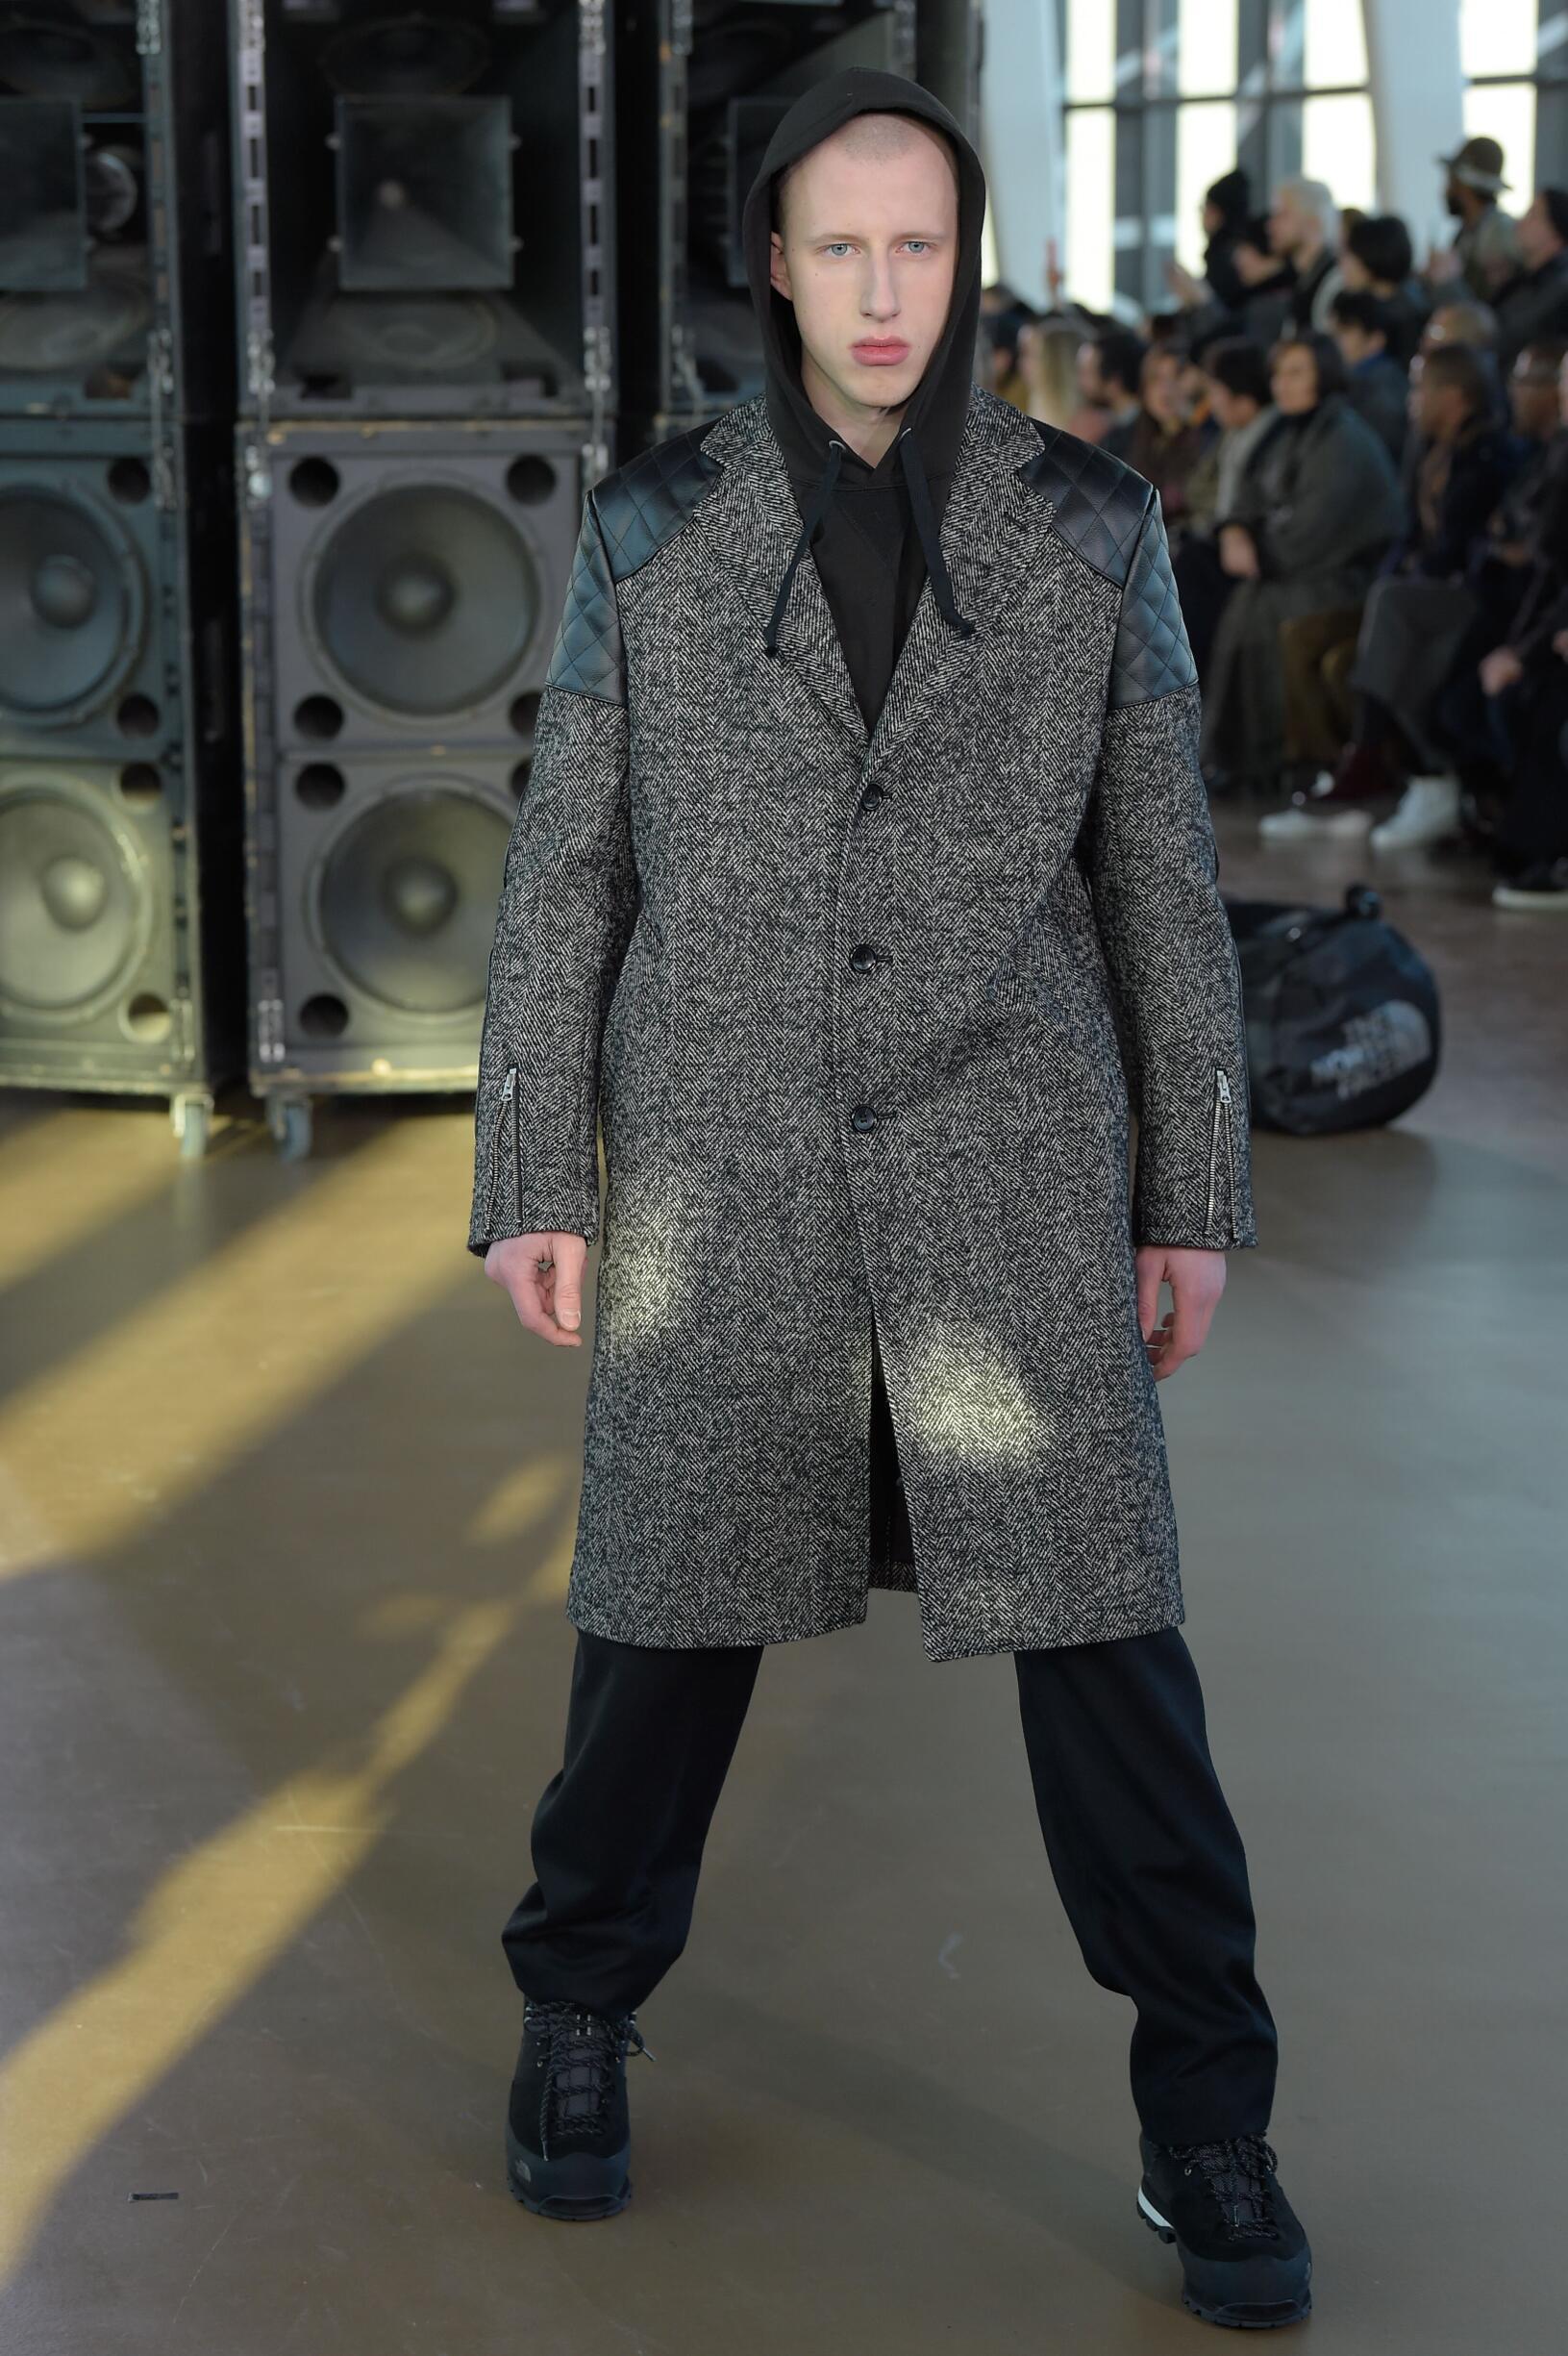 2017 Catwalk Junya Watanabe Man Fashion Show Winter